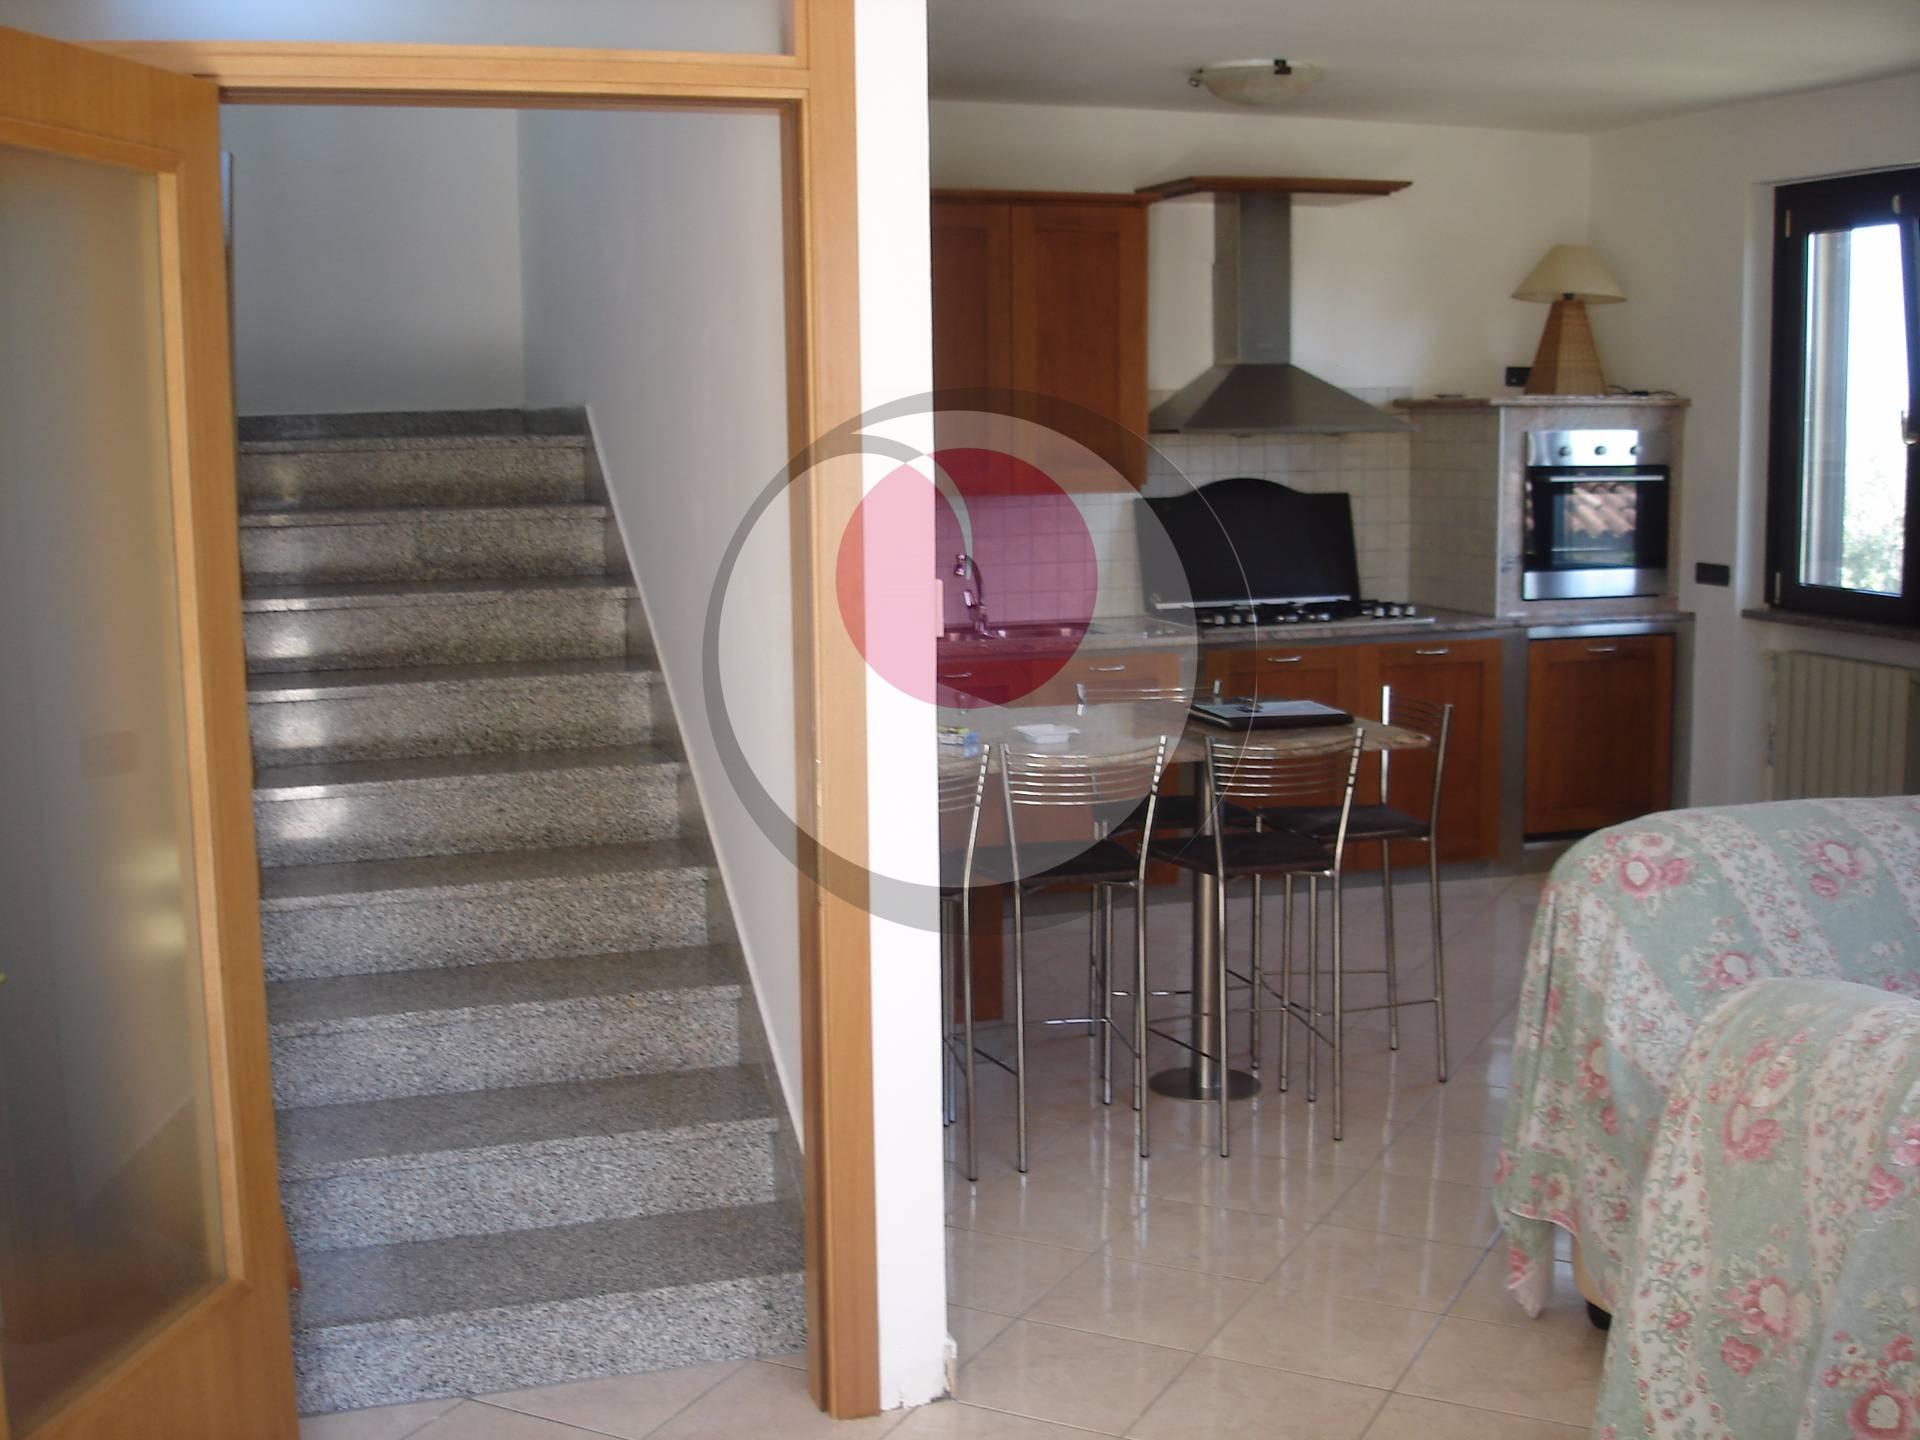 Soluzione Semindipendente in vendita a Rocca San Giovanni, 6 locali, prezzo € 110.000 | CambioCasa.it